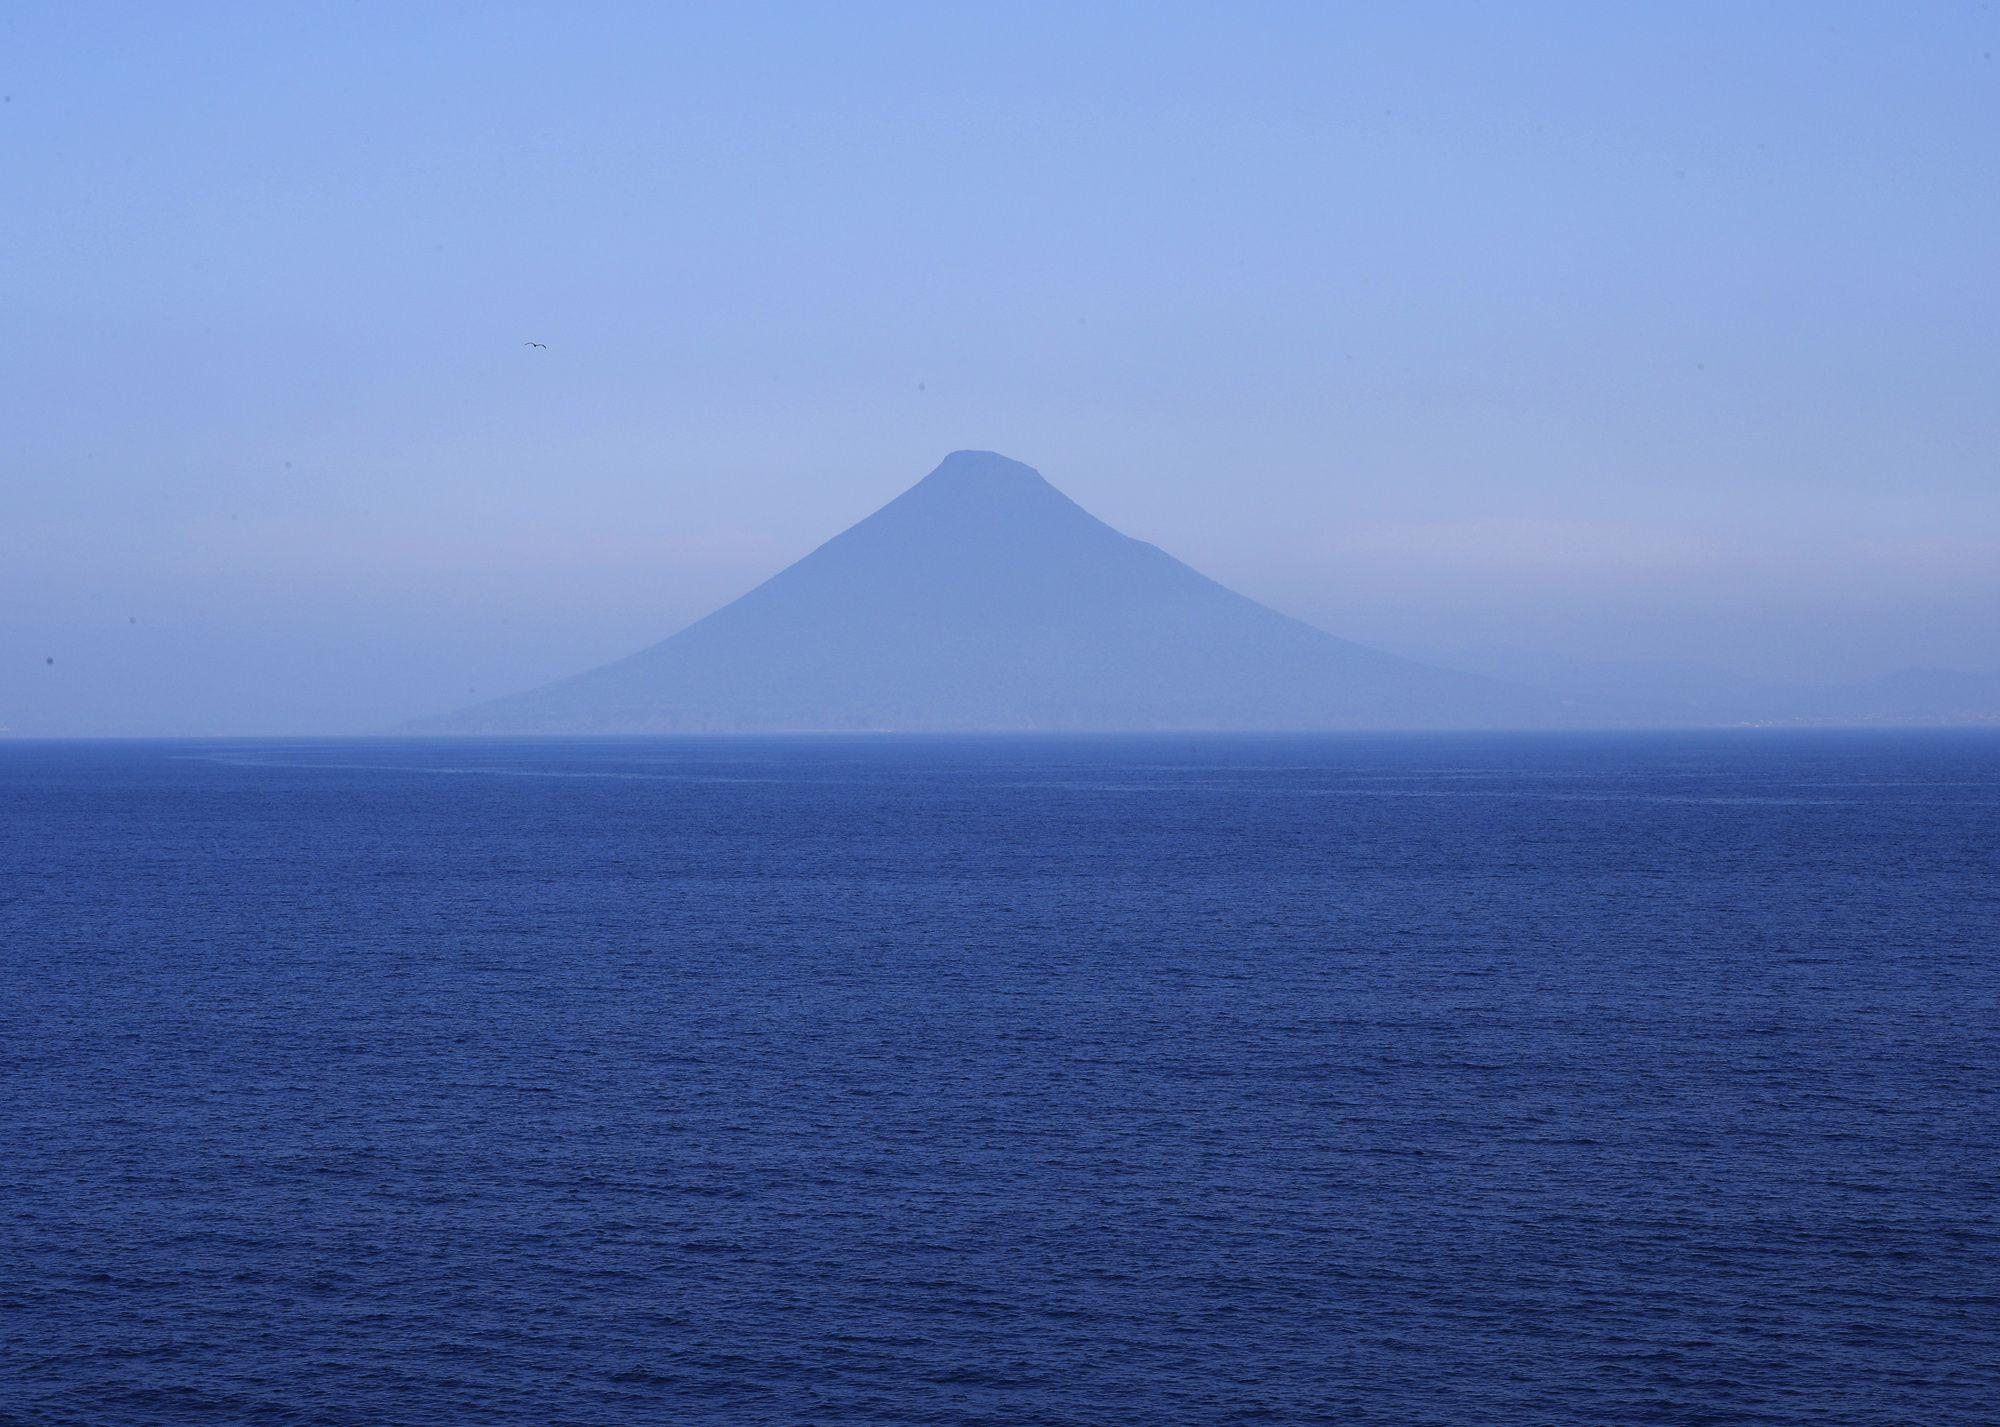 位於鹿儿岛县指宿市的开闻岳,因其圆锥状的姿态,被称为「萨摩富士」。